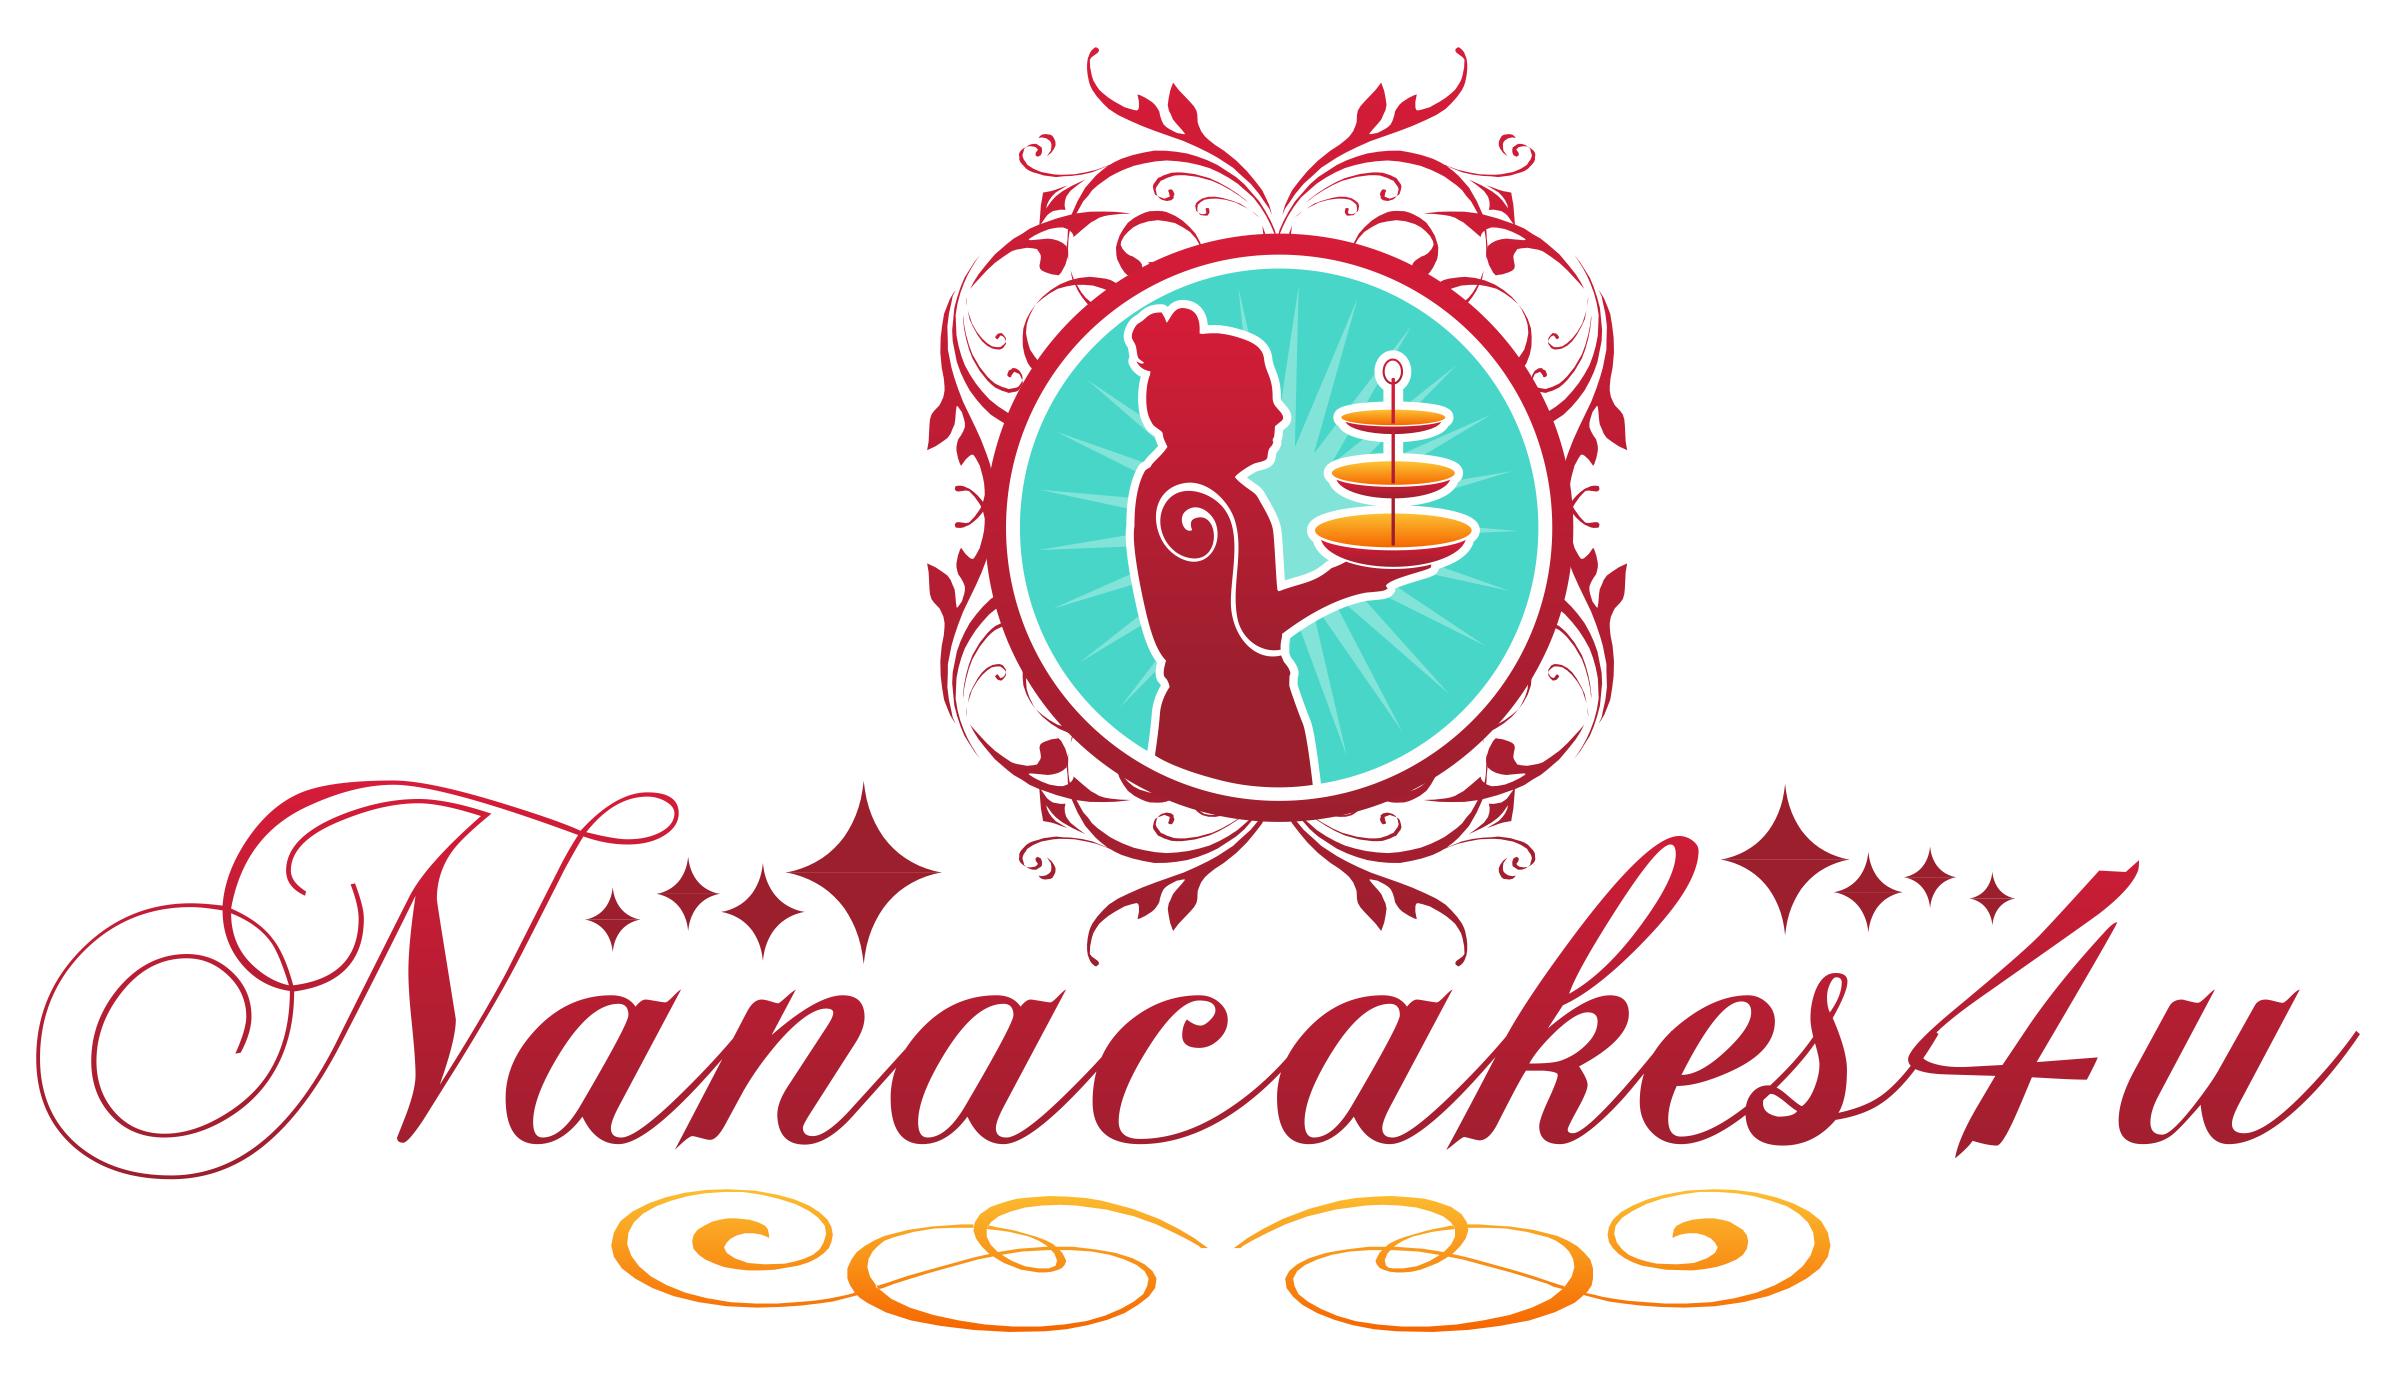 Nanacakes4u.com